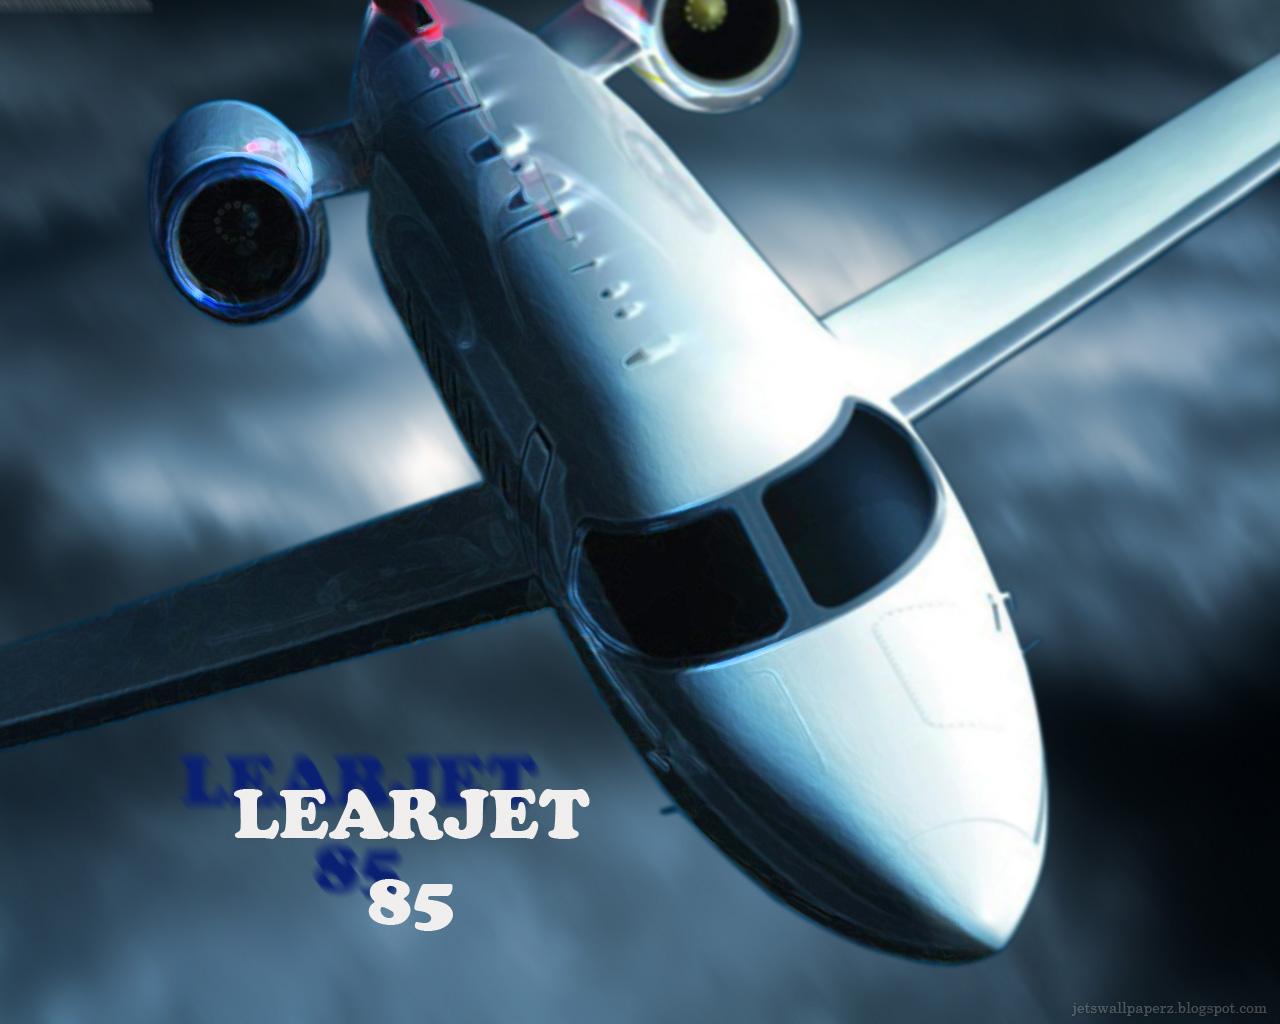 Learjet85 Wallpaper